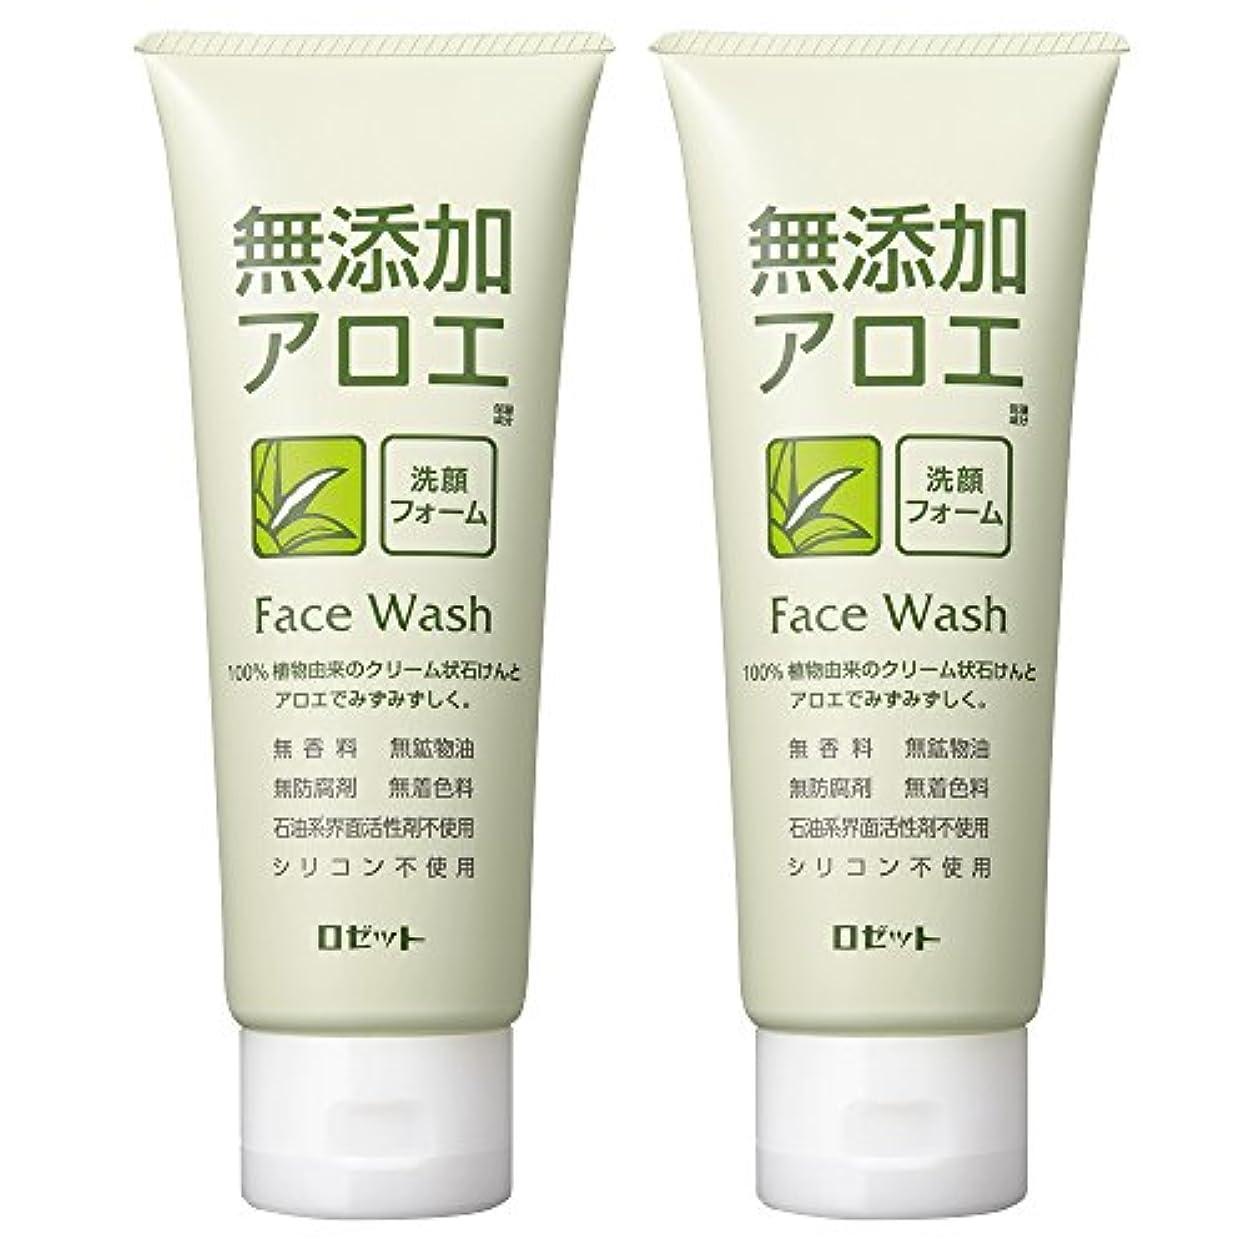 スクランブル後者専門用語ロゼット 無添加アロエ 洗顔フォーム 140g×2個パック AZ